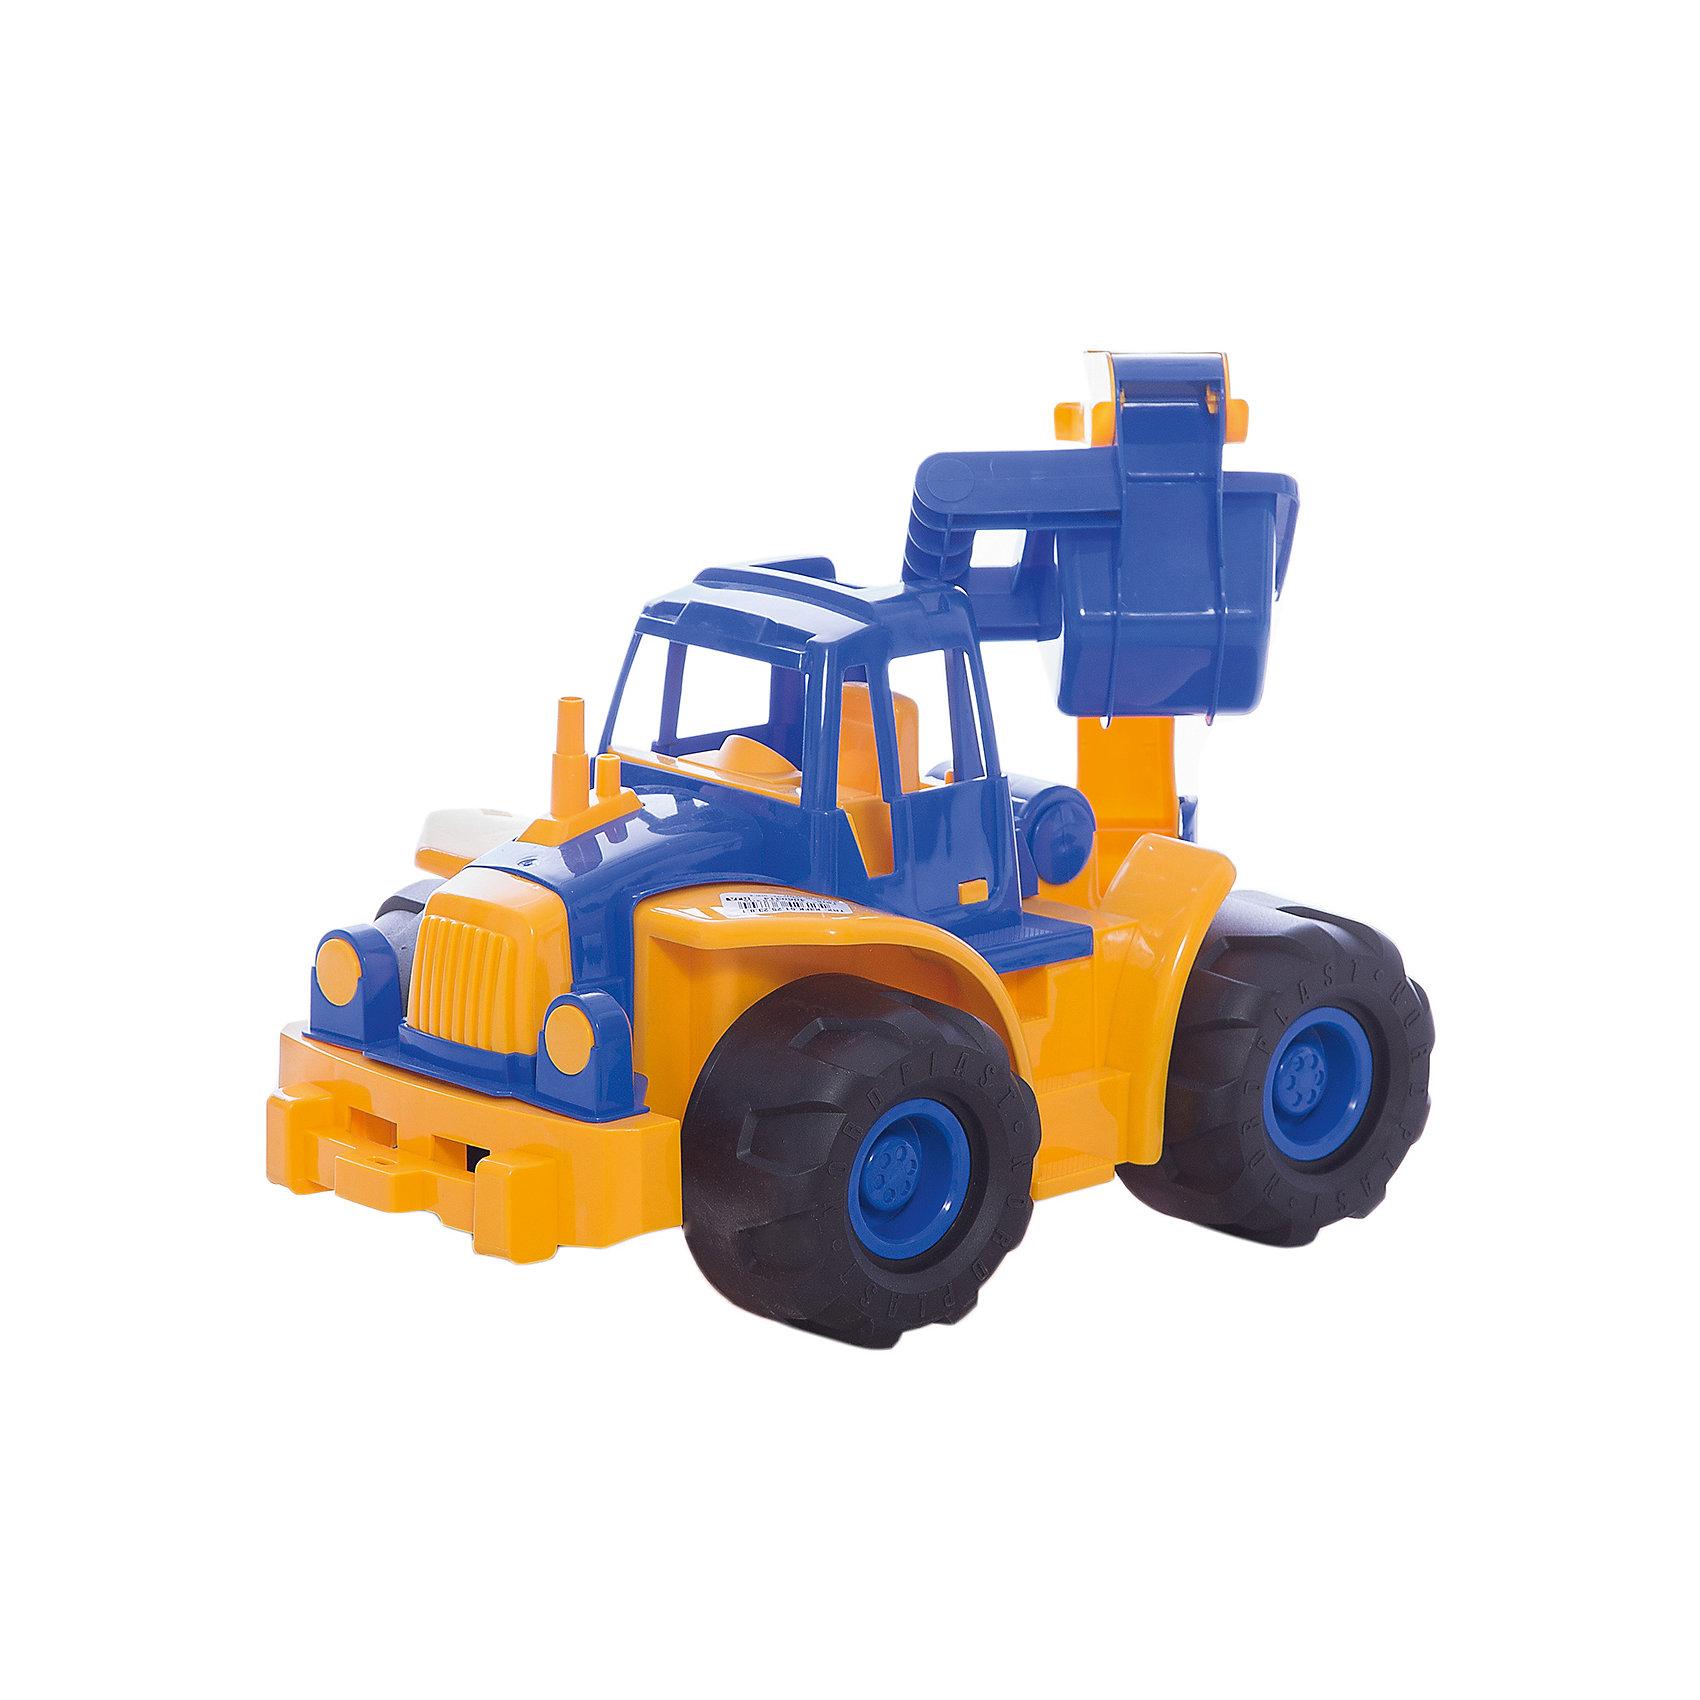 Трактор Богатырь с ковшом, НордпластИграем в песочнице<br>Трактор Богатырь с ковшом, Нордпласт – это пластмассовая машина, которой интересно будет играть вашему мальчику.<br>Мощный трактор Богатырь с большим ковшом от компании Нордпласт крутящимися колесами и просторной кабиной отлично подойдет ребенку для различных игр дома, в детском саду или на прогулке. Ковш трактора поднимается и опускается, управляется вручную. Для этого на ковше есть специальная ручка. Кабина с сидением открытая, поэтому в ней можно разместить маленькую фигурку водителя. Особенно интересно играть с таким трактором в песочнице. Игрушка изготовлена из высококачественной пищевой пластмассы, без трещин и заусениц, поэтому во время эксплуатации выдержит многие детские шалости. Она покрыта нетоксичной краской, не облупливающейся и не выгорающей на солнце. Товар соответствует требованиям стандарта для детских игрушек и имеет сертификат качества.<br><br>Дополнительная информация:<br><br>- Материал: высококачественная пластмасса<br>- Размер: 28х31,5х47 см.<br>- Вес: 1550 гр.<br><br>Трактор Богатырь с ковшом, Нордпласт можно купить в нашем интернет-магазине.<br><br>Ширина мм: 200<br>Глубина мм: 50<br>Высота мм: 300<br>Вес г: 1550<br>Возраст от месяцев: 24<br>Возраст до месяцев: 60<br>Пол: Мужской<br>Возраст: Детский<br>SKU: 4060314